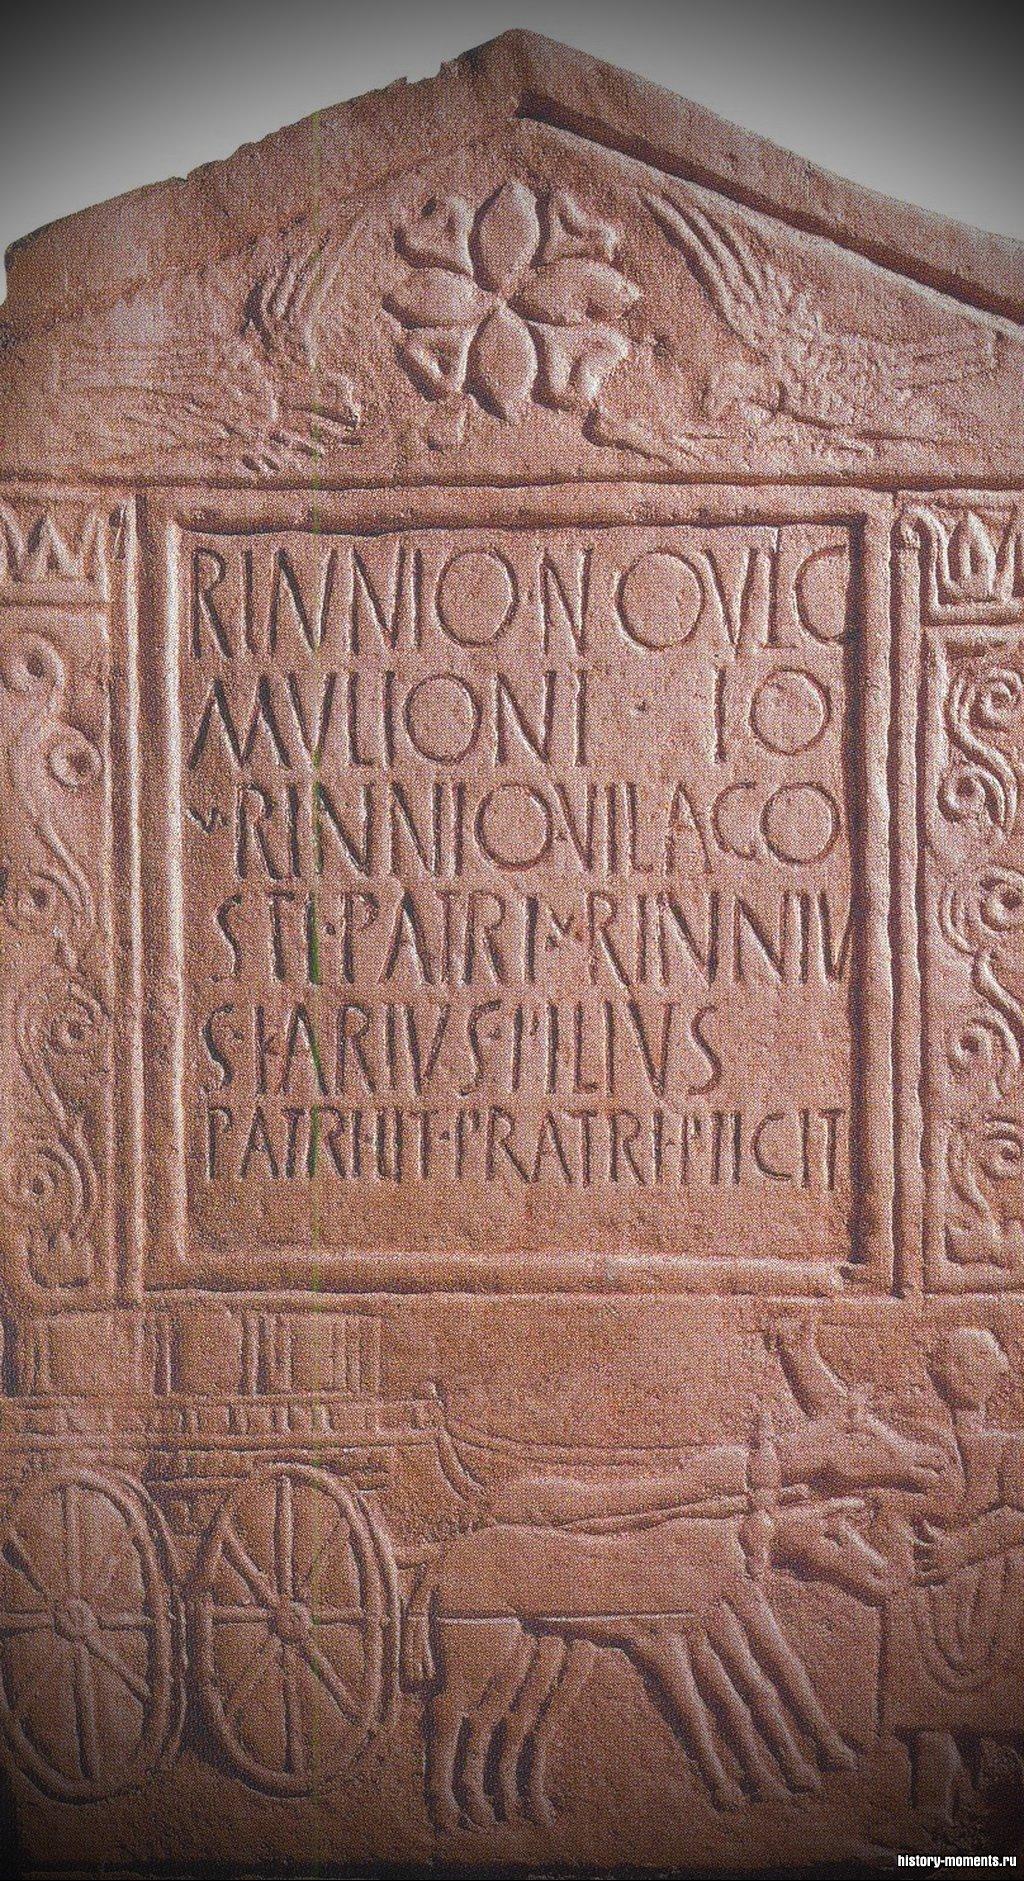 Латинские надписи начертаны на фасадах римских зданий, памятниках и гробницах. Вот надпись на могильном камне: «Риннию Новицию, погонщику мулов».